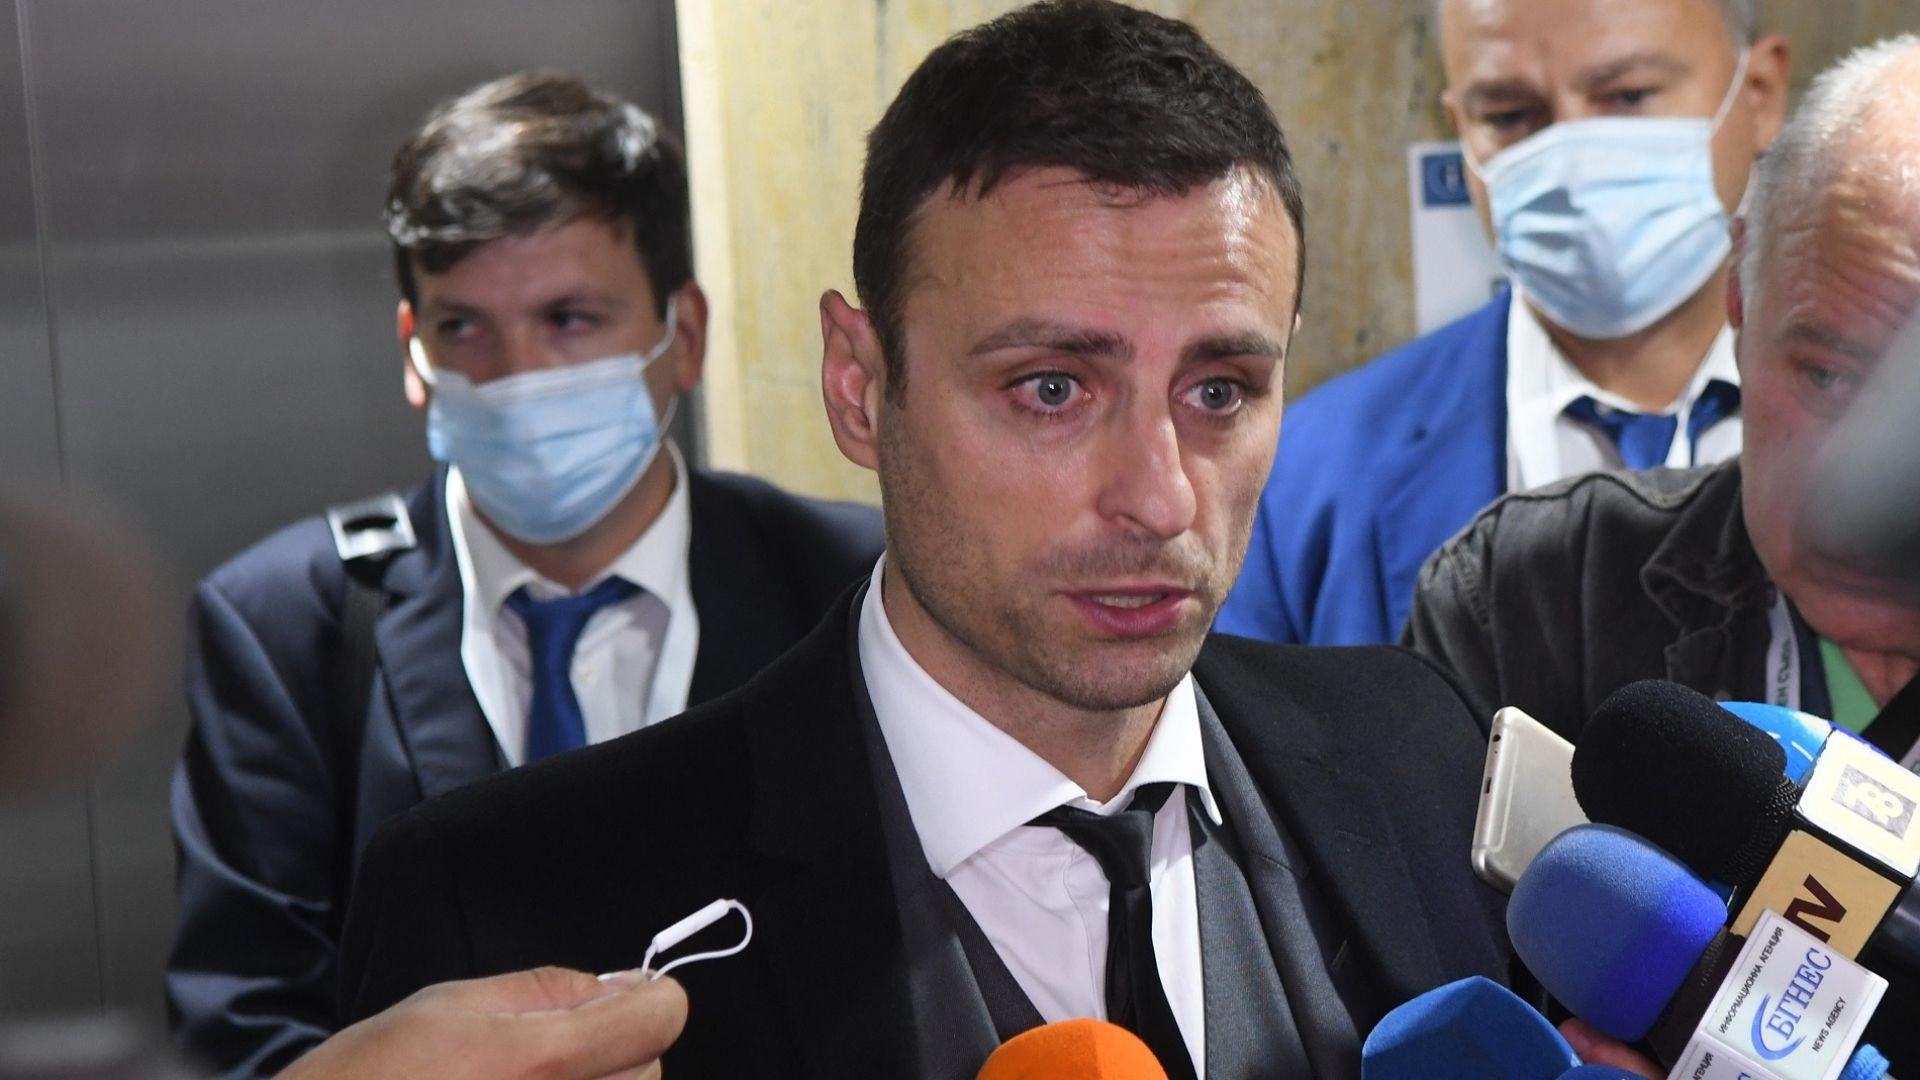 Бербатов след загубата: Не пуснаха 20 клуба от моя регион, отиваме в съда